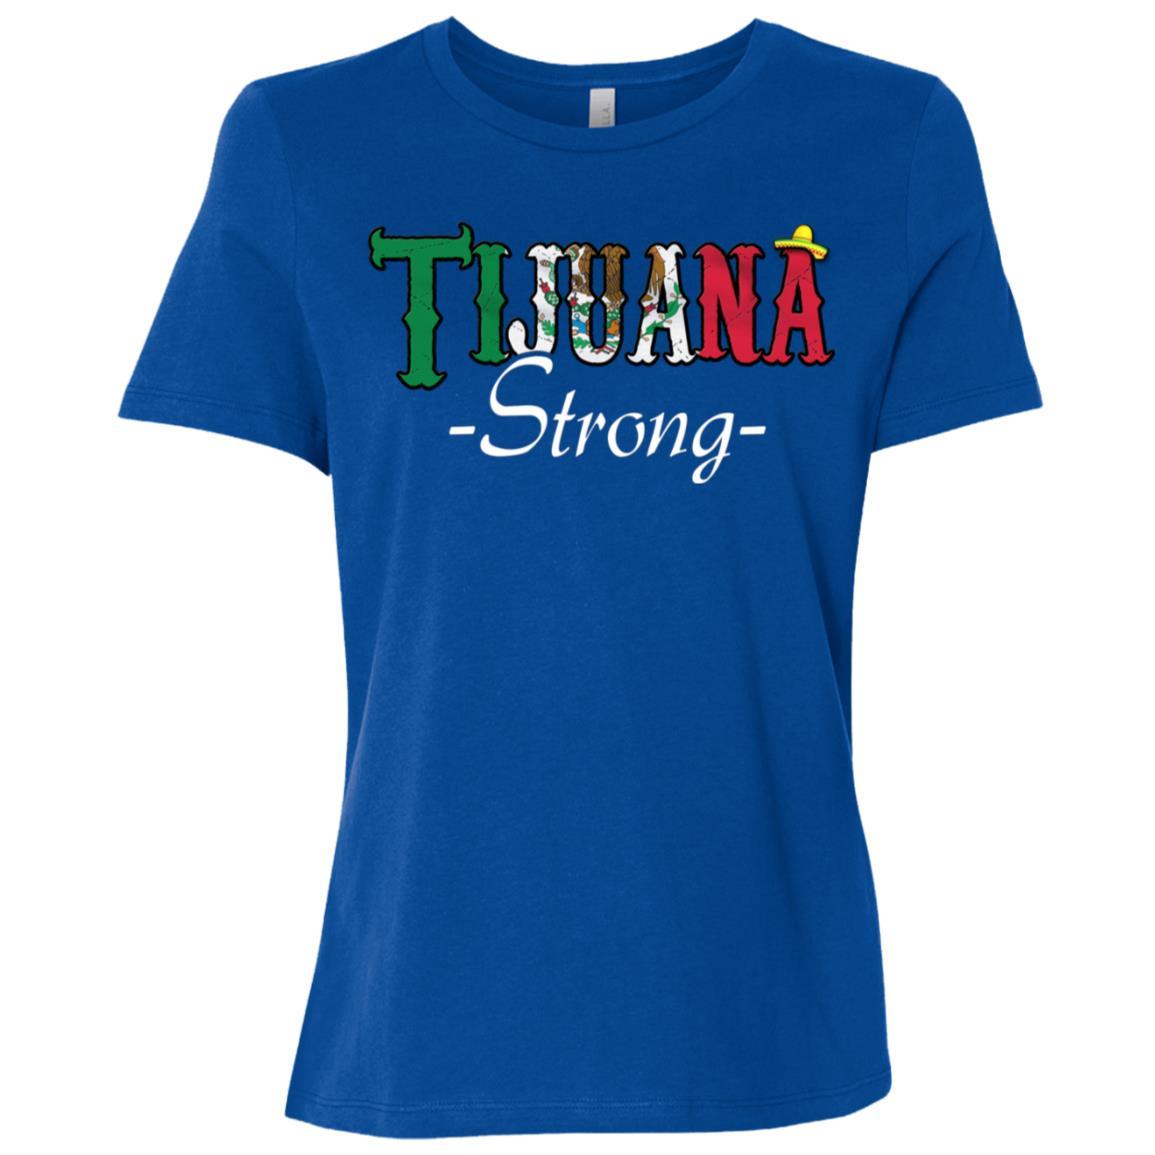 Make Tijuana Mexico Great Again Funny Gift Idea s-5 Women Short Sleeve T-Shirt